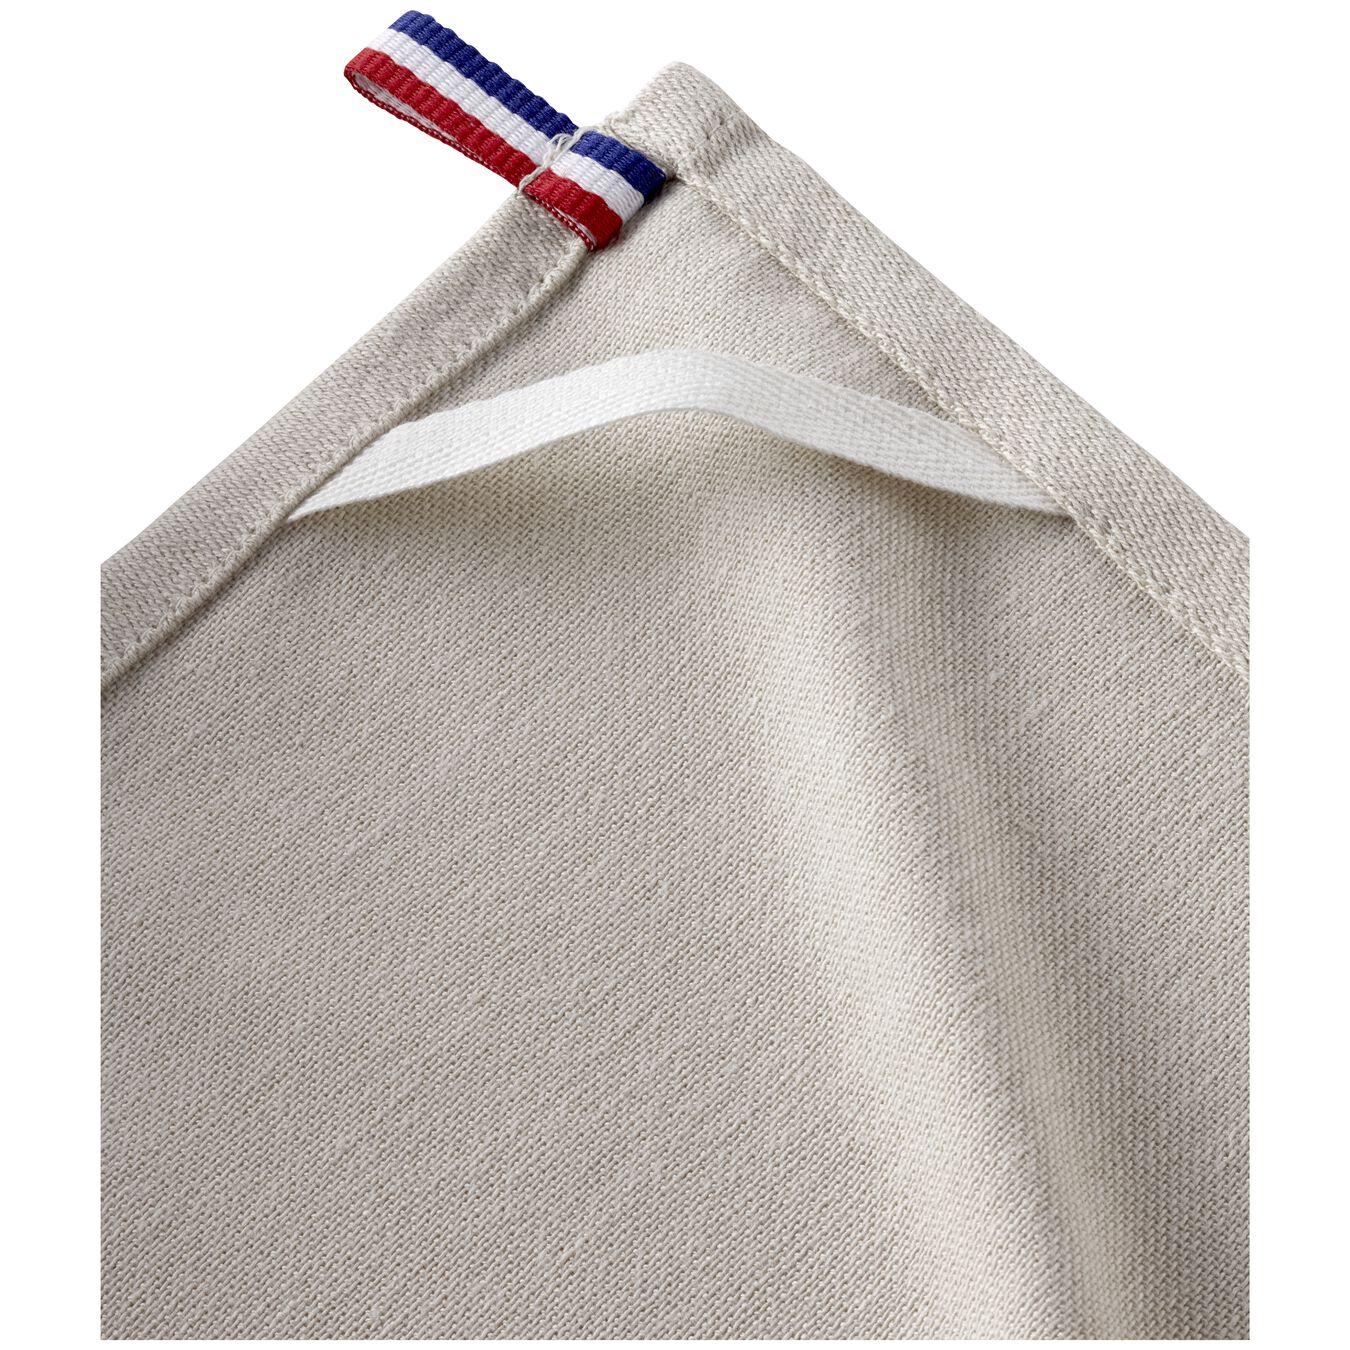 70 cm x 50 cm Cotton Kitchen towel, Cherry,,large 3